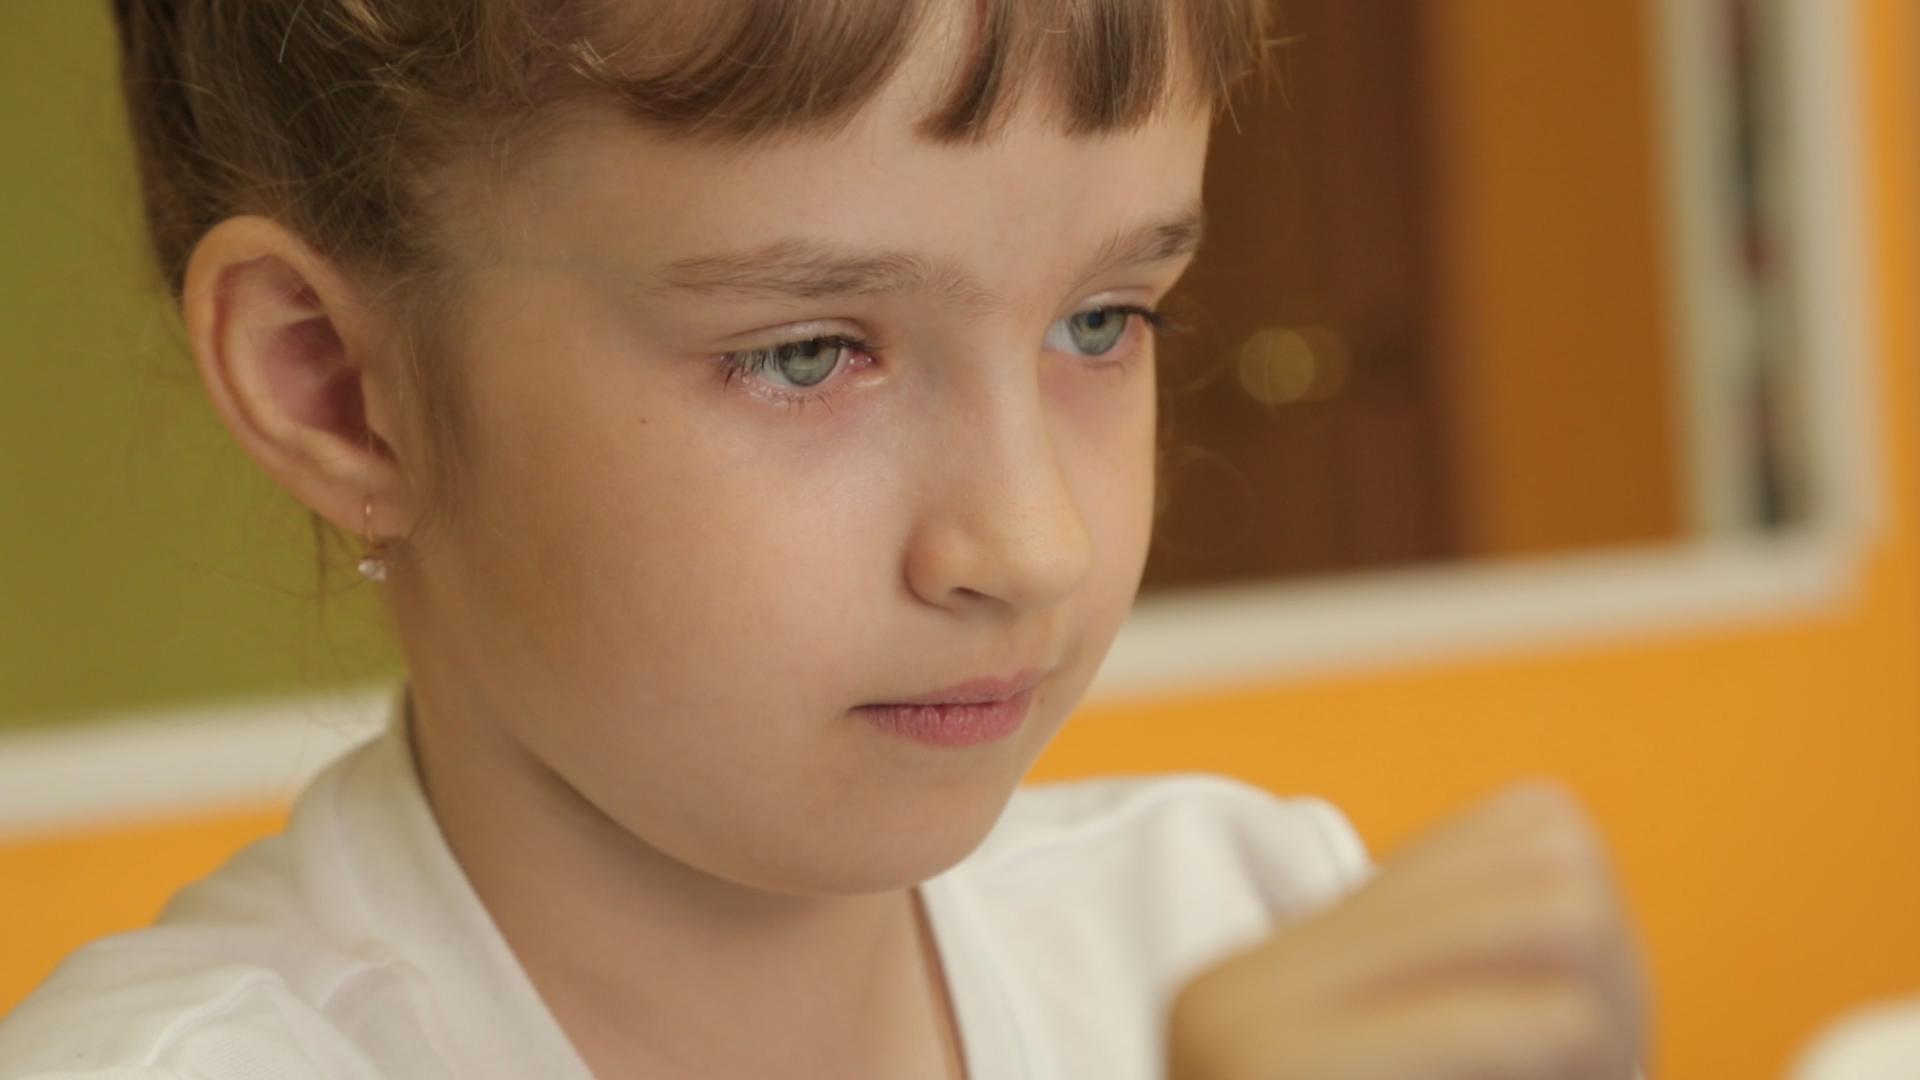 Еще год назад Ксюша считала только в пределах десятка, а сейчас дошкольнице легко даются не только сотни и тысячи, но и миллионы